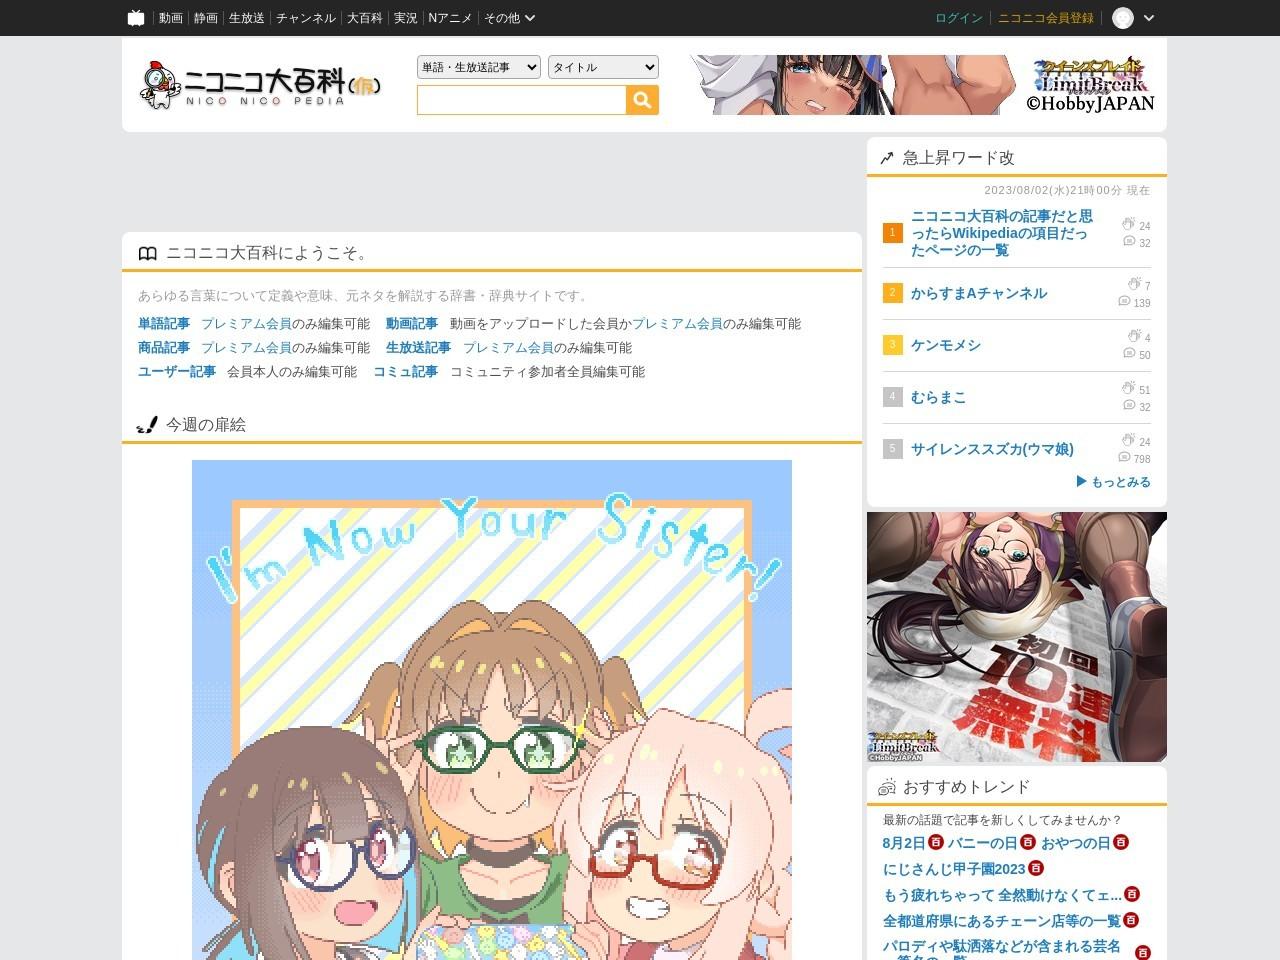 https://dic.nicovideo.jp/a/sm1%EF%BD%9Esm100%E4%B8%80%E8%A6%A7のプレビュー画像